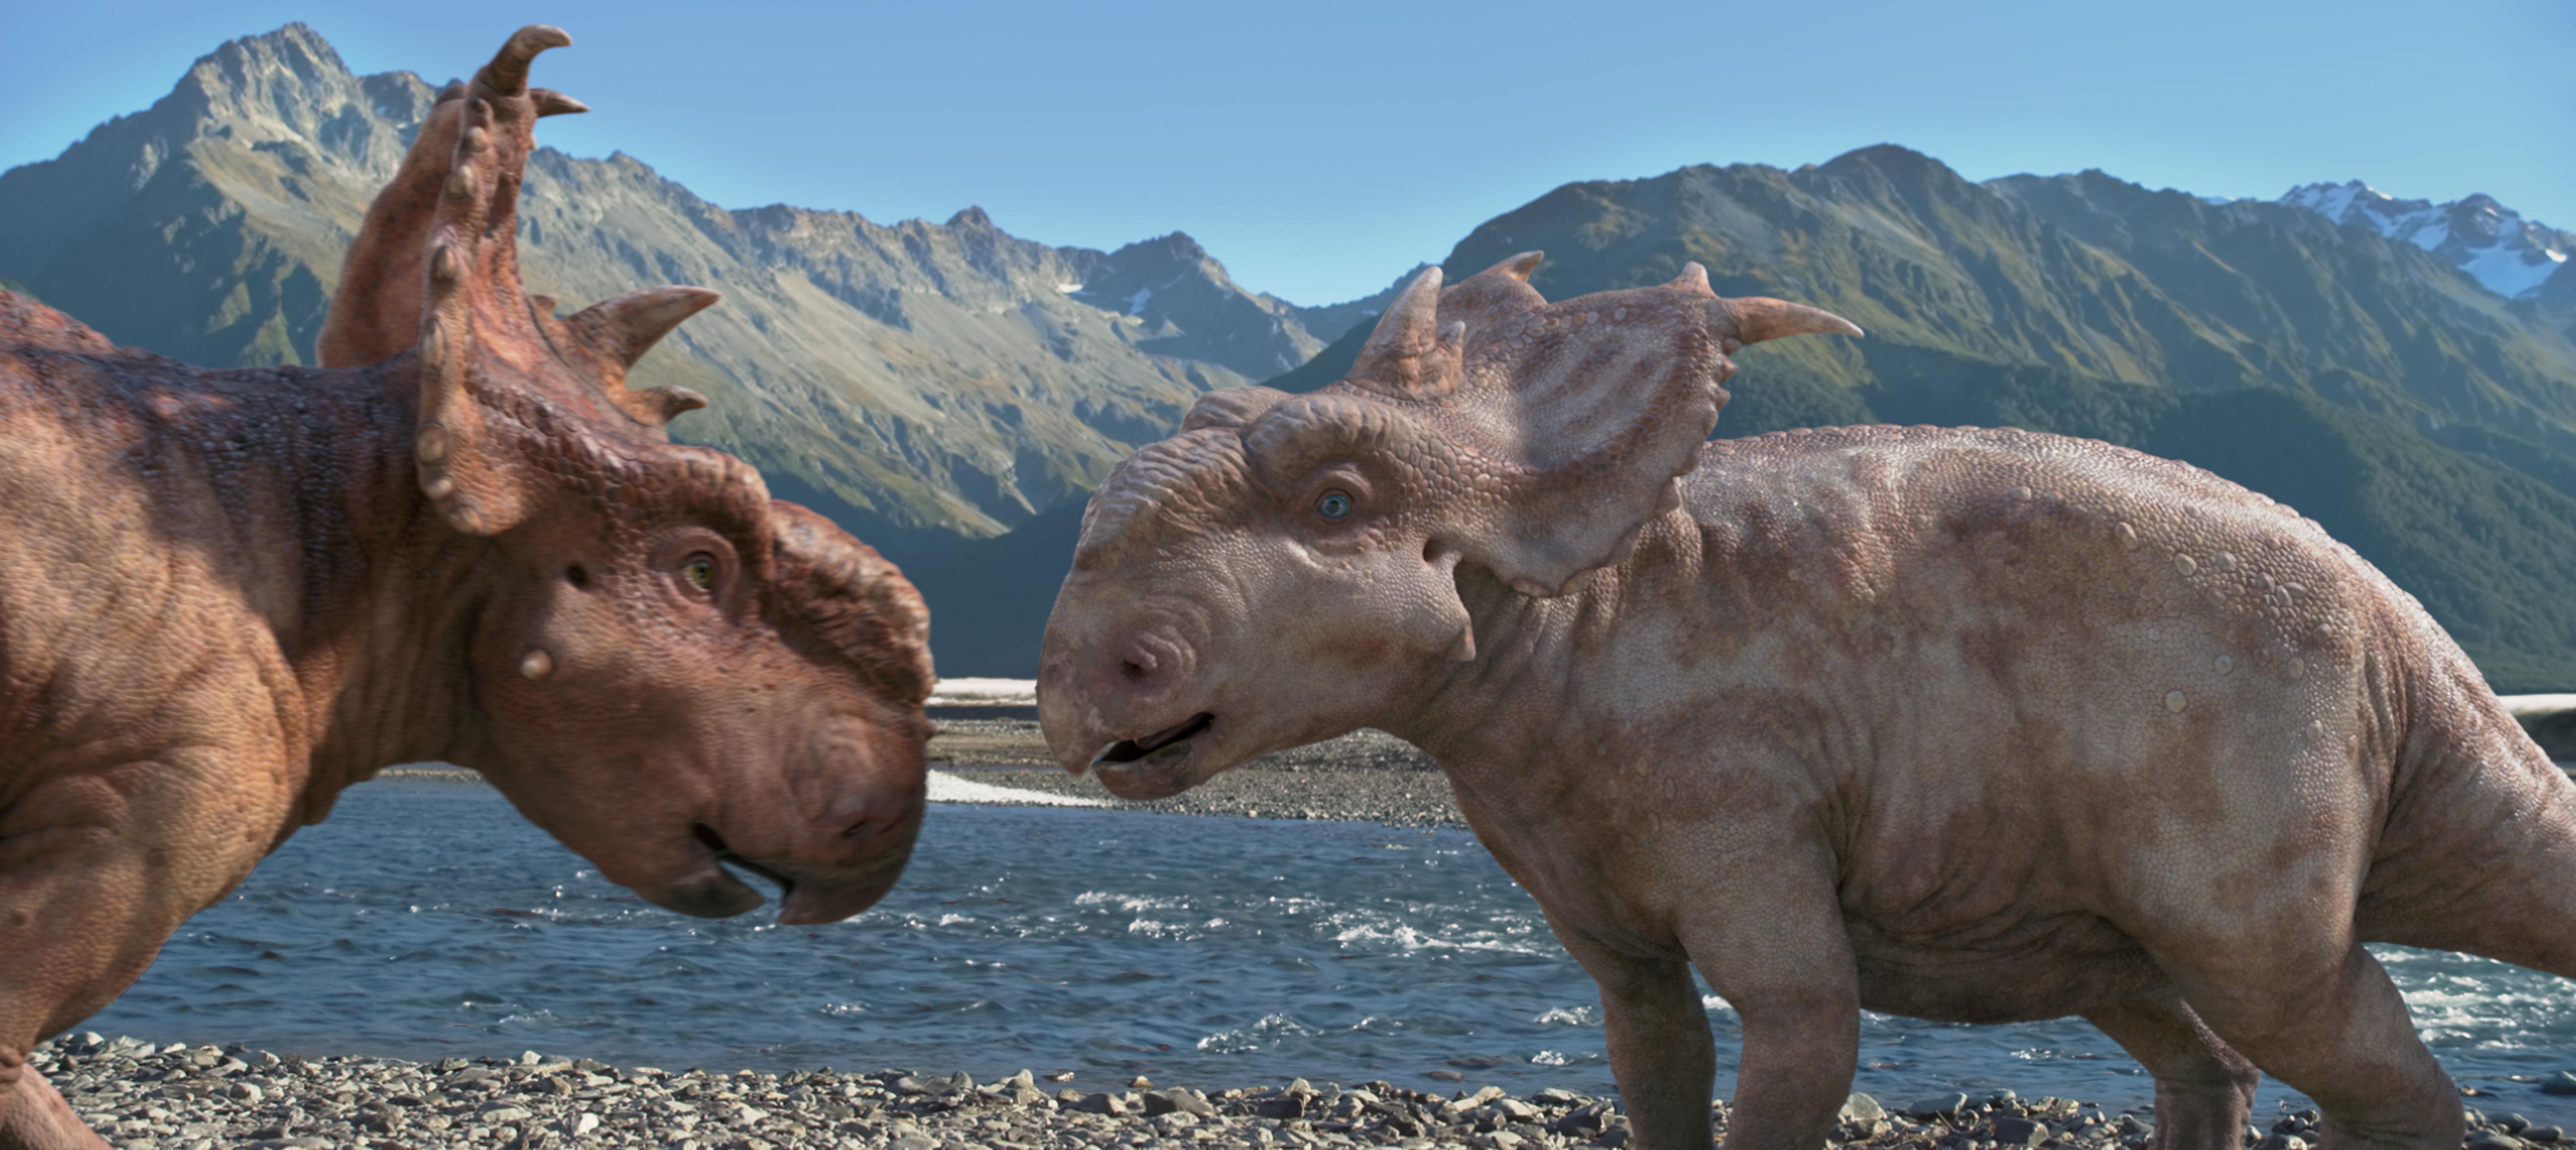 Dinozorlar Filmi Vizyon Tarihi 20 Aralık